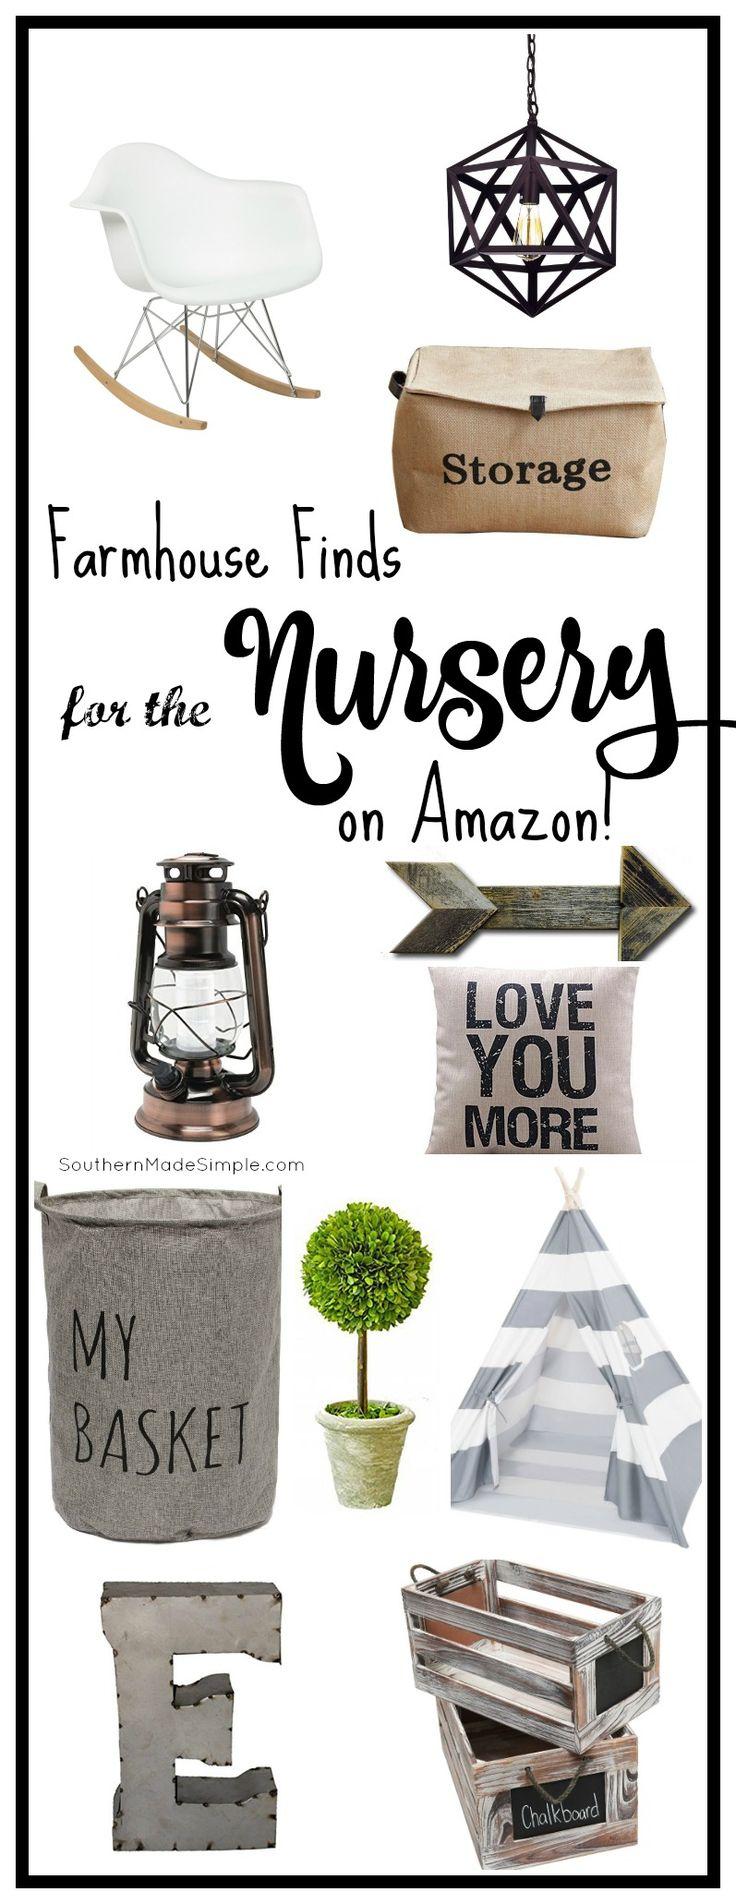 Farmhouse style decor for the nursery - and it's ALL available on Amazon! Hello, 2 day shipping! #farmhouse #nursery